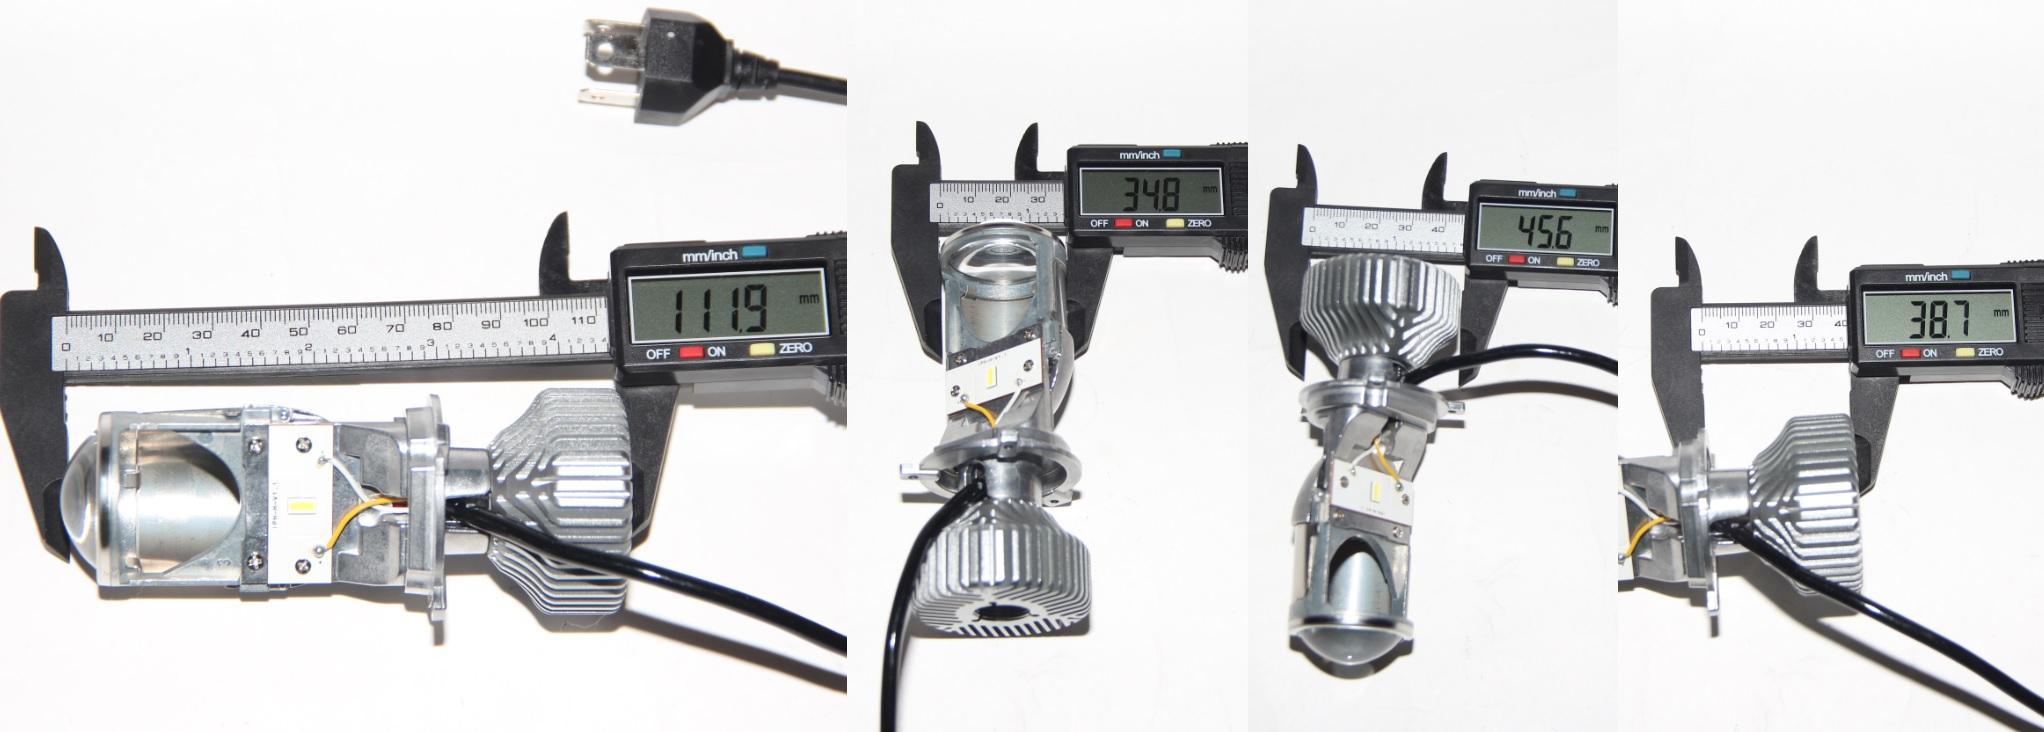 Новые бюджетные линзованные светодиодные лампы H4 Stella